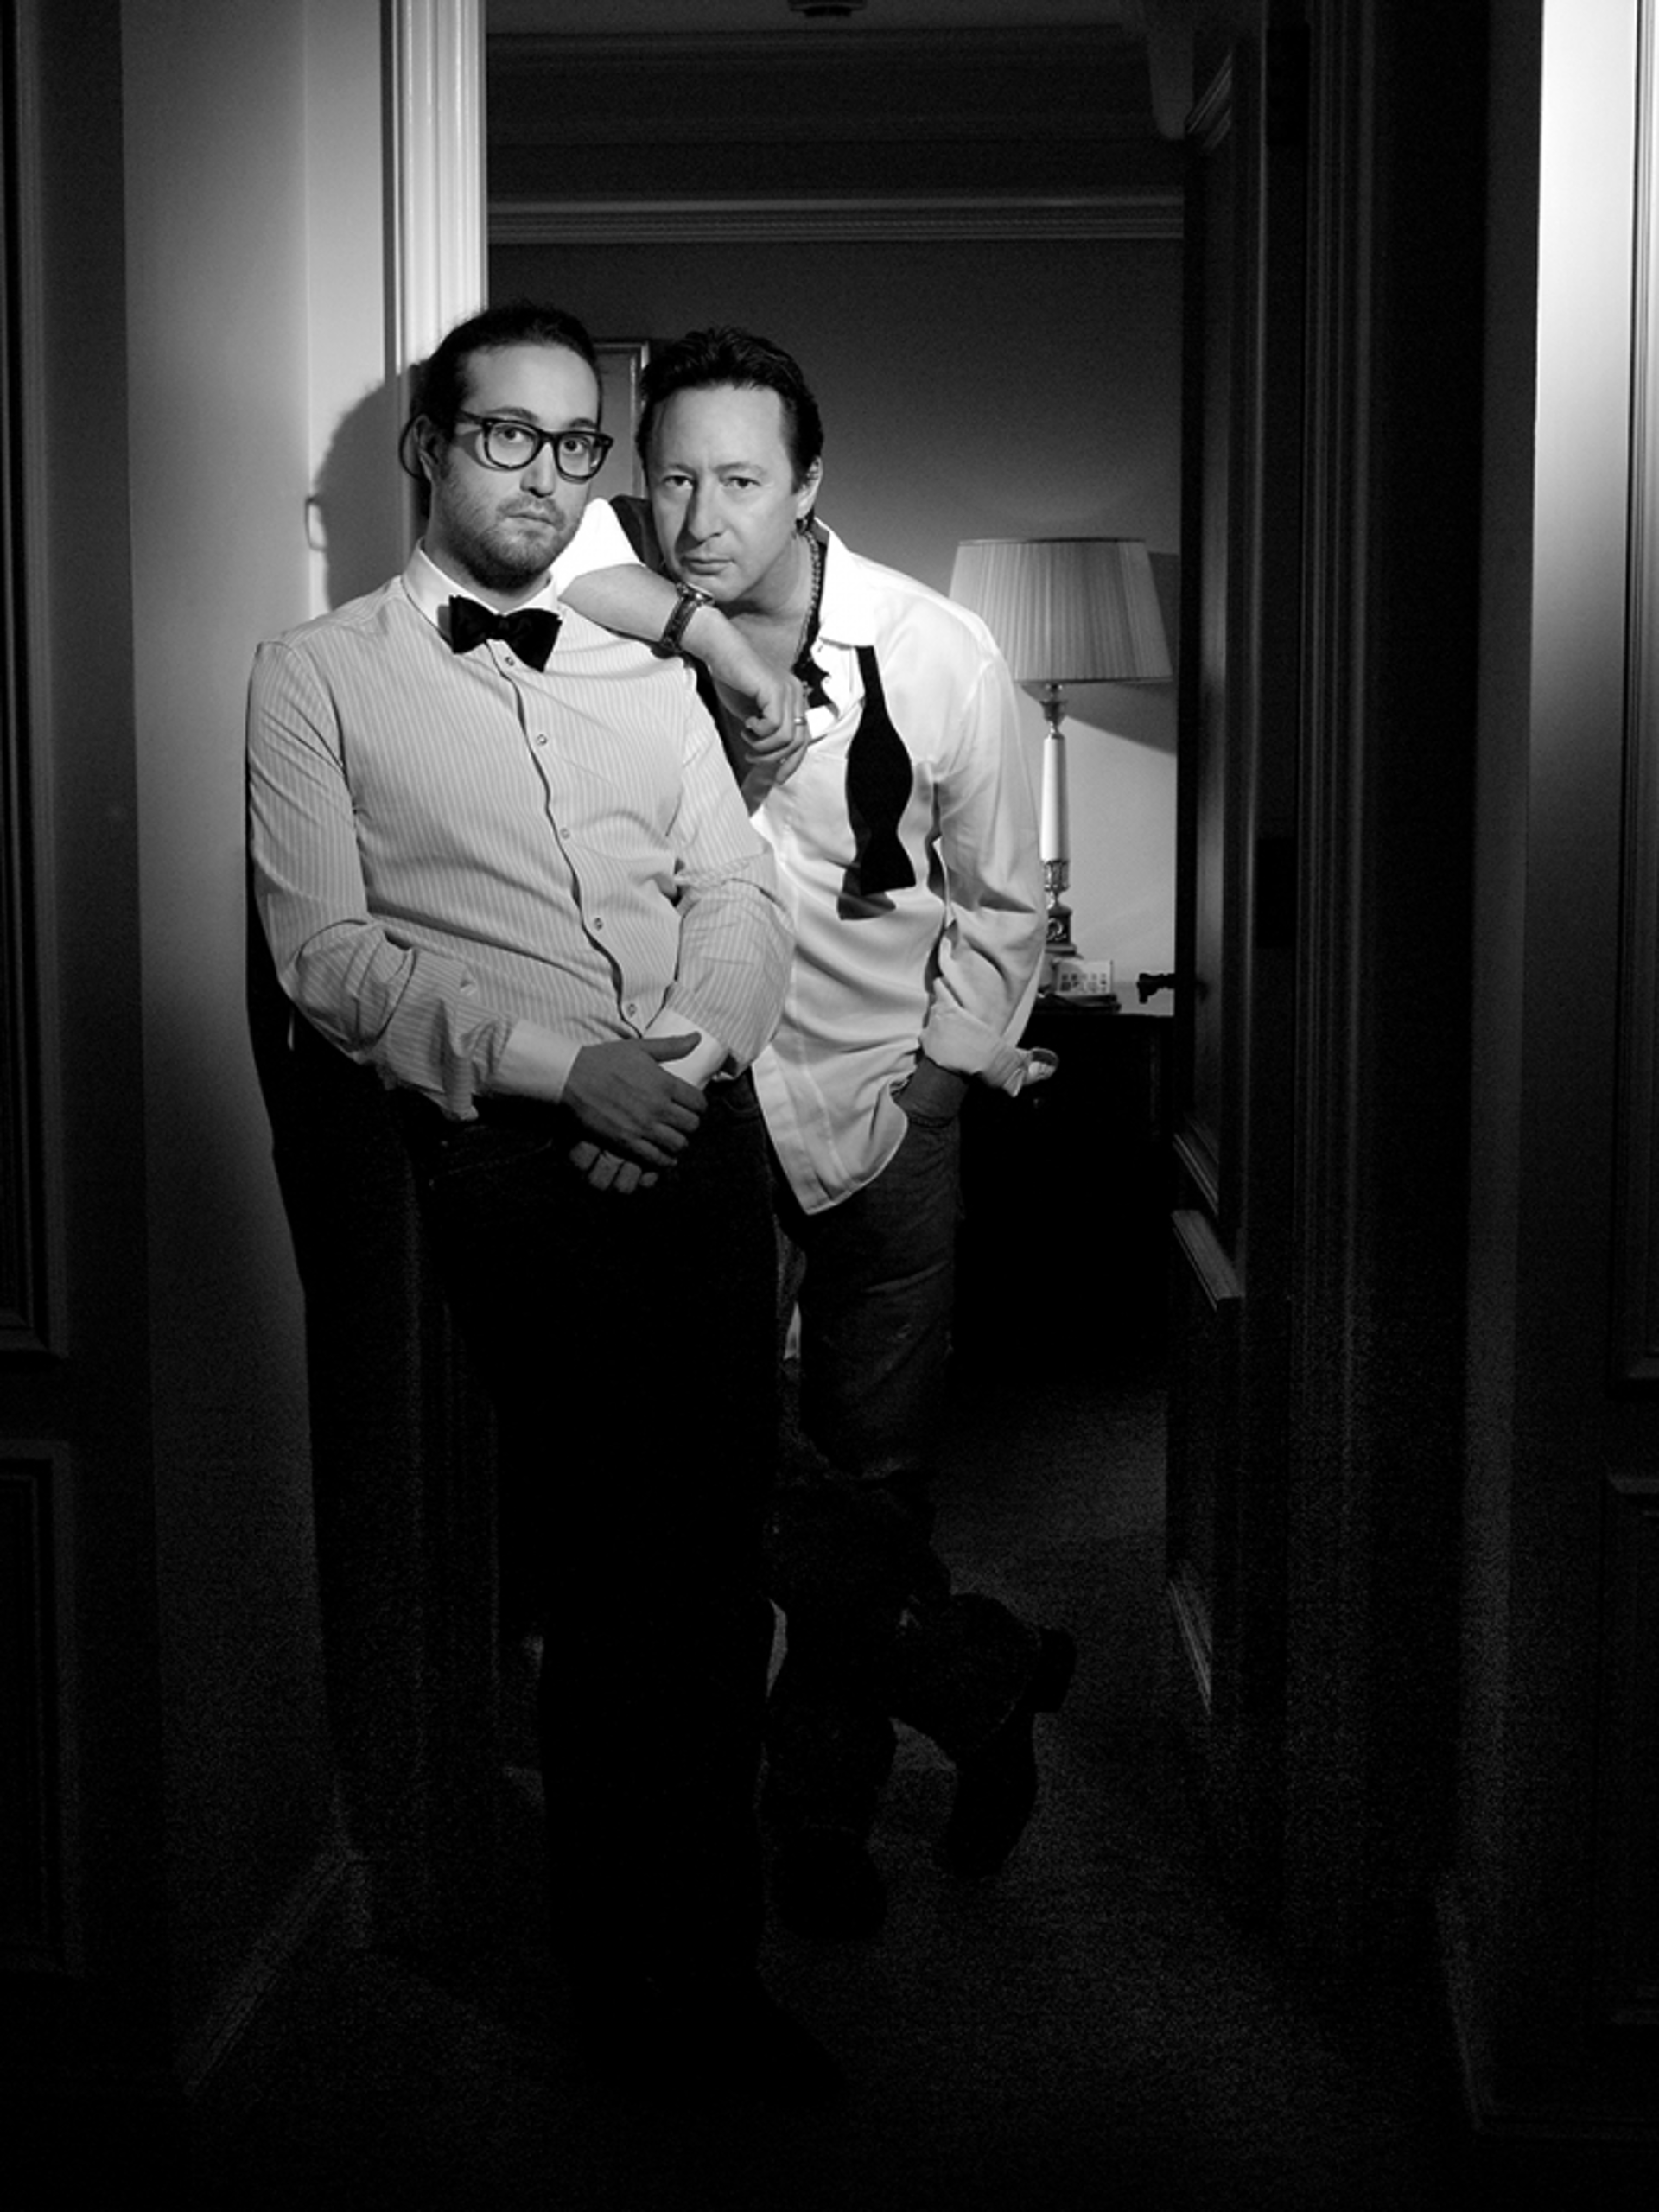 09011 Julian Lennon With Sean Lennon BW by Timothy White